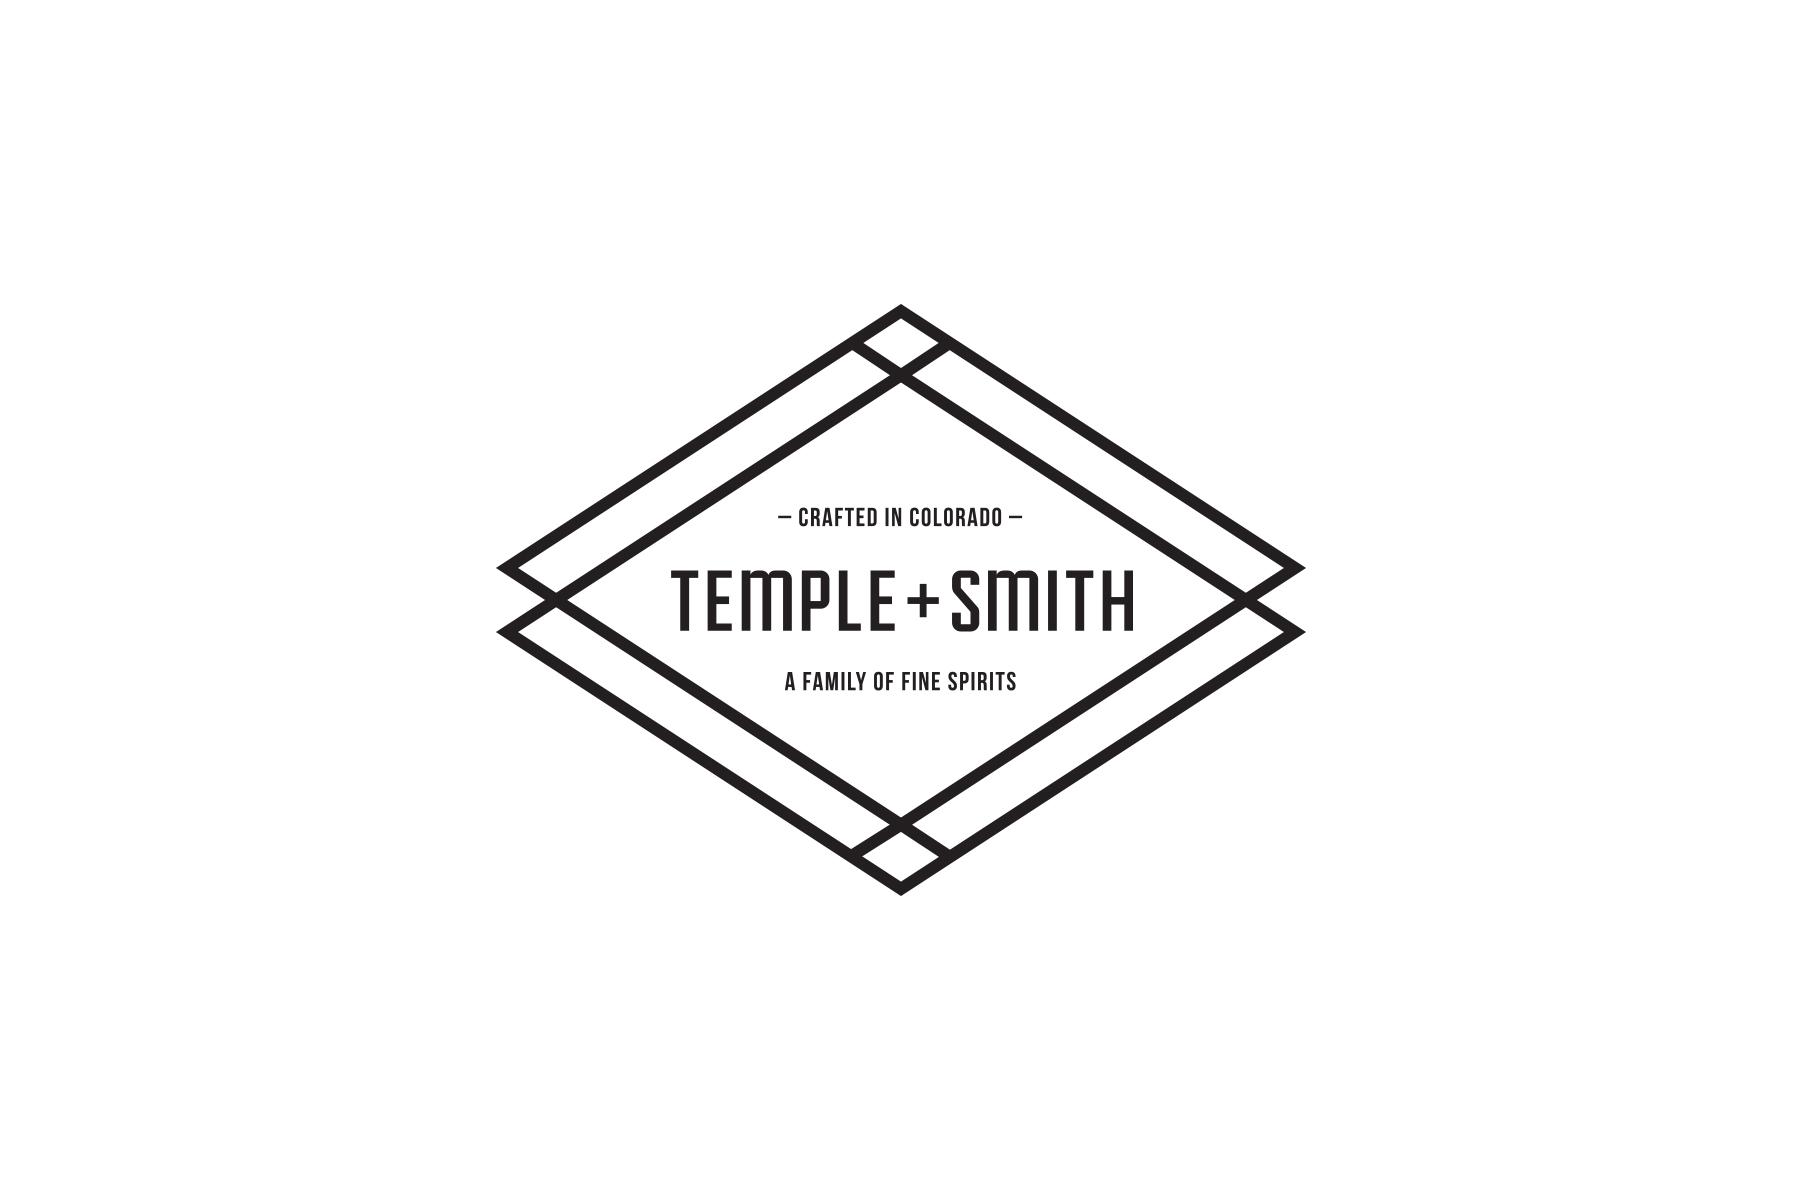 Logos_6x4_TempleSmith.jpg